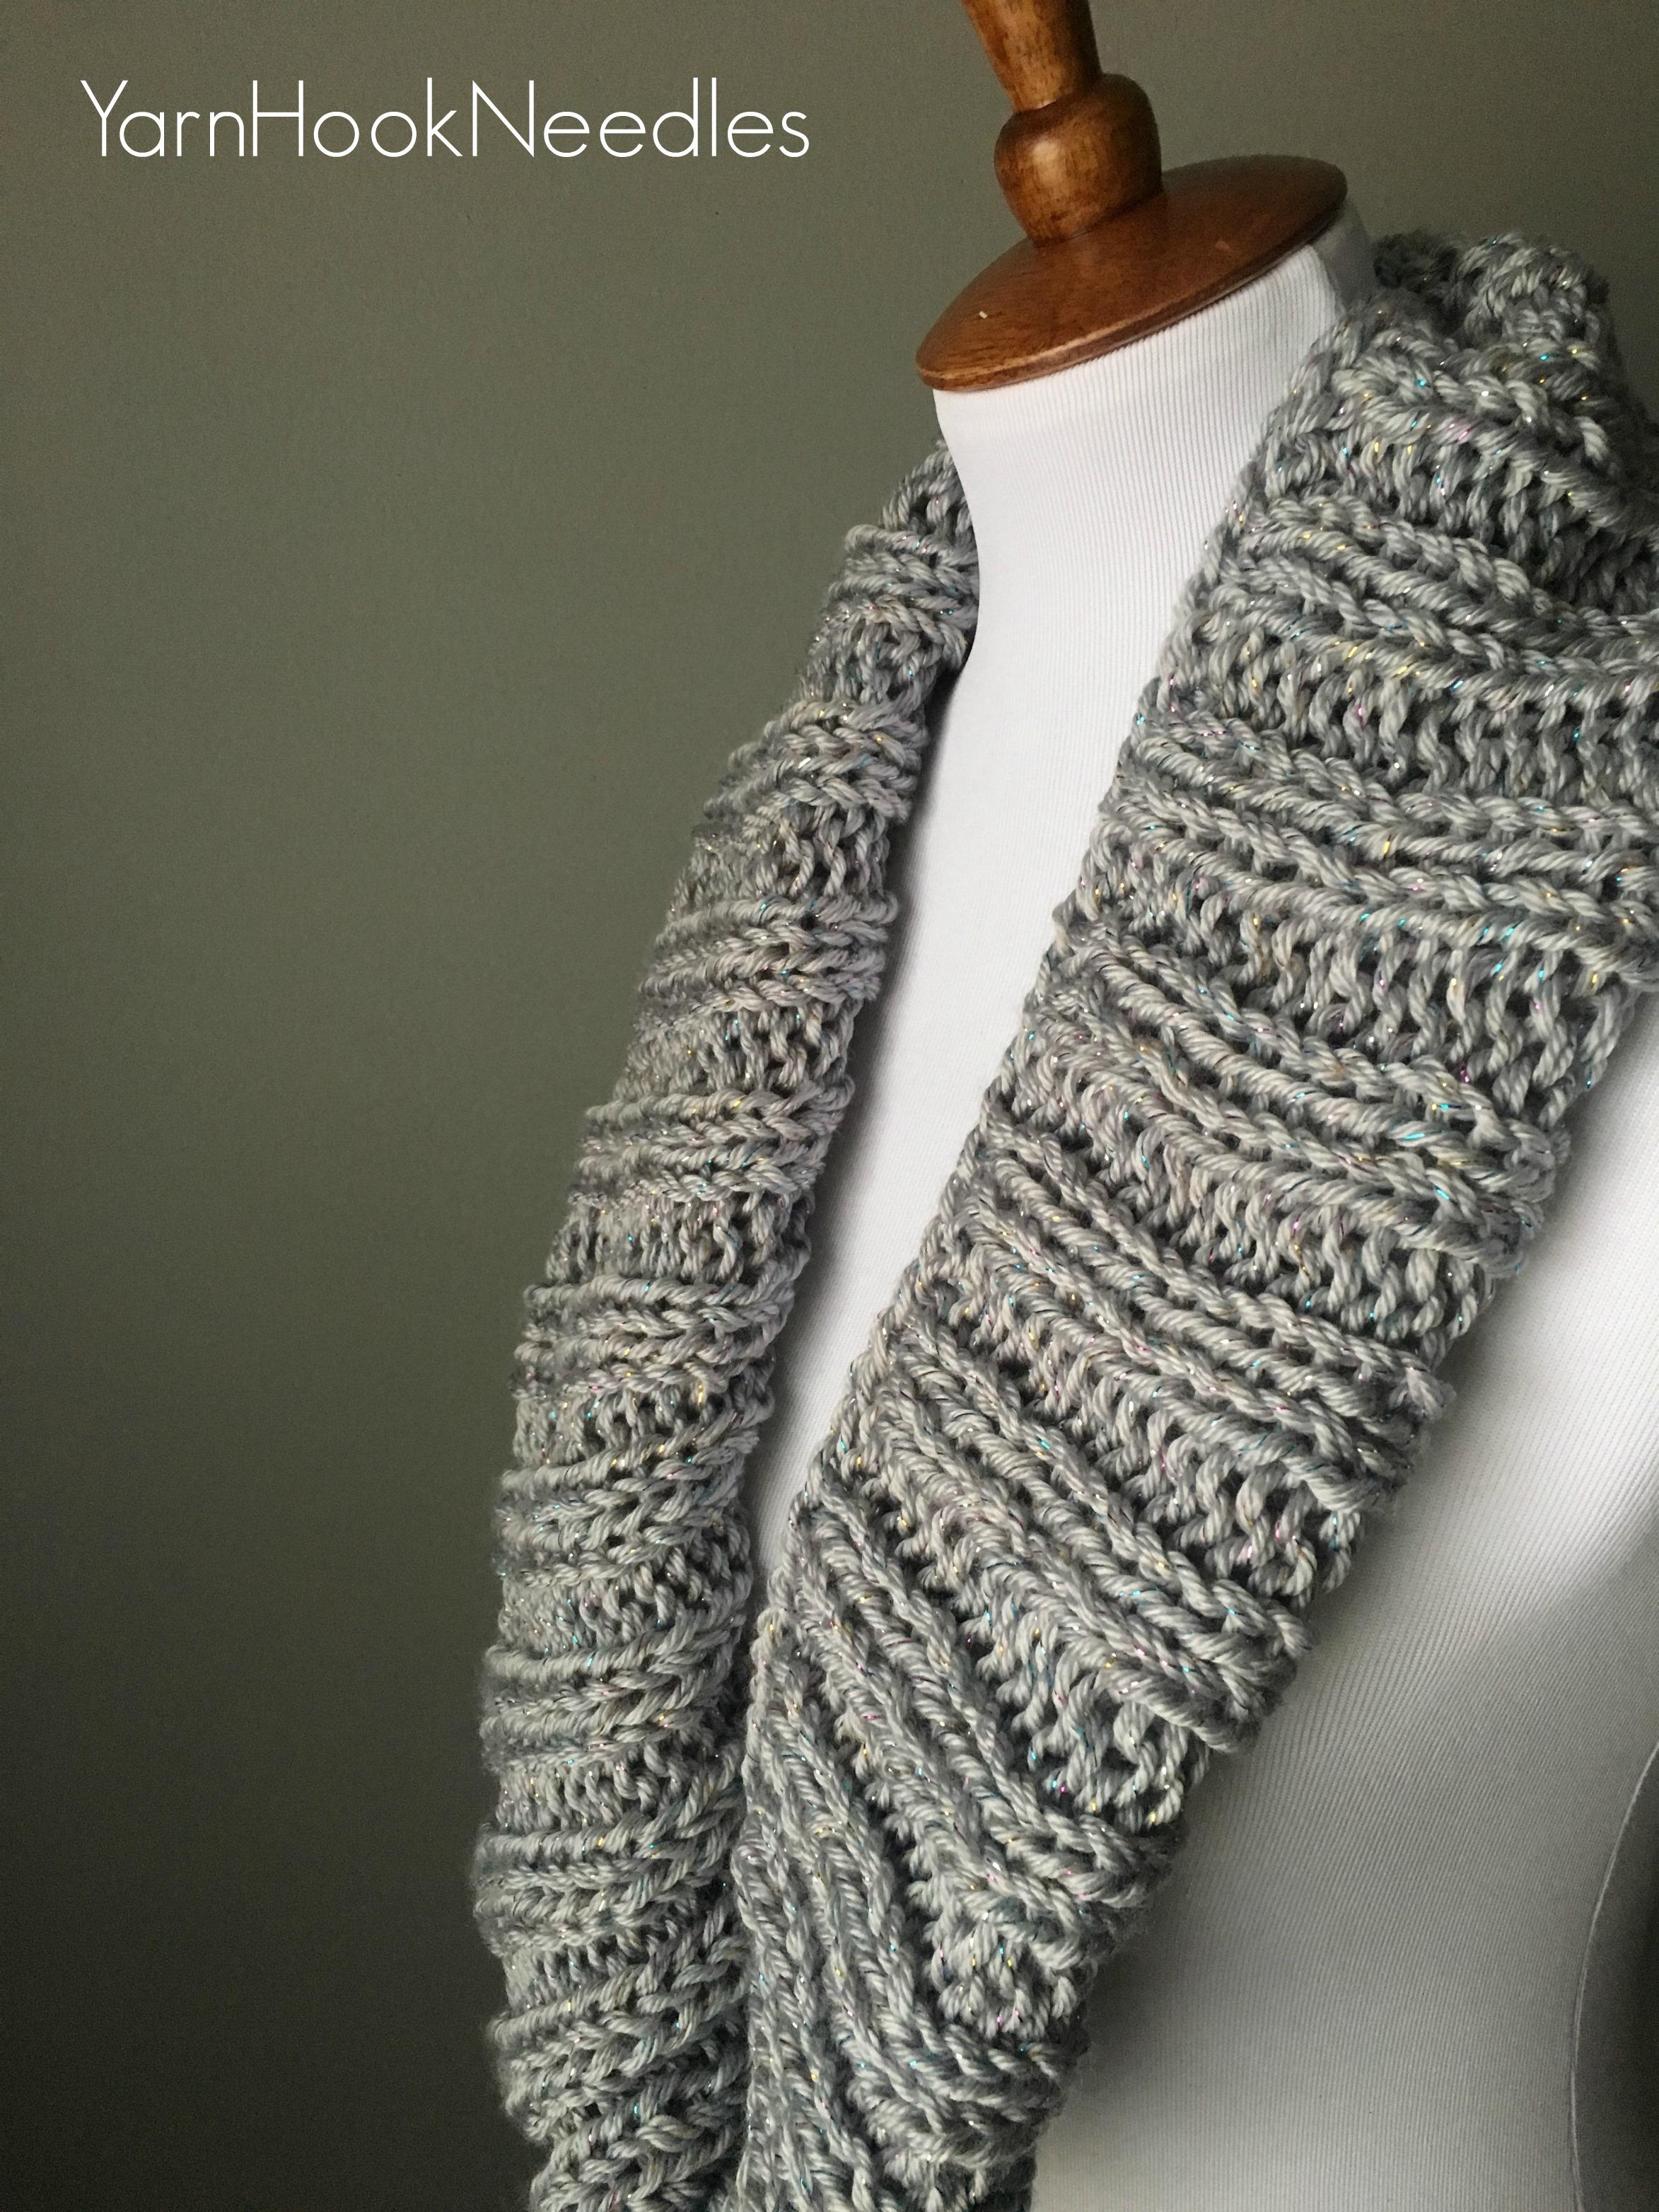 The Top 10 Crochet Leaf Patterns! - YarnHookNeedles